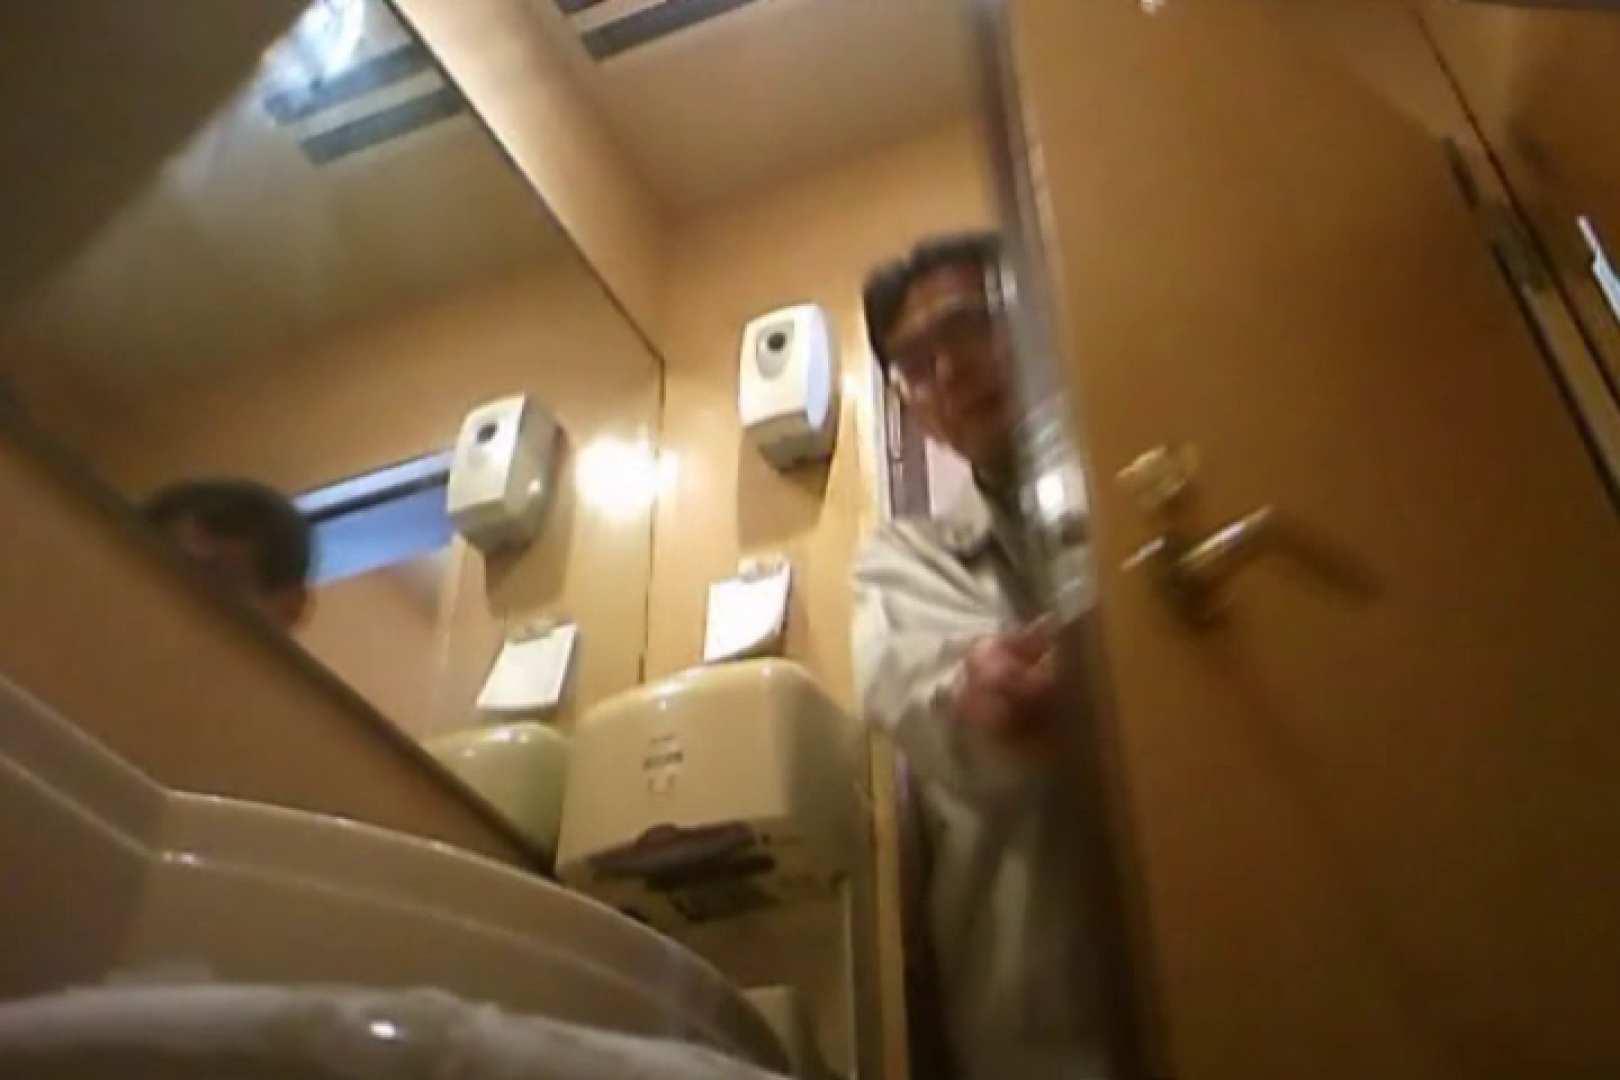 SEASON 3rd!掴み取りさんの洗面所覗き!in新幹線!VOL.12 のぞき | ボーイズ私服  86pic 28